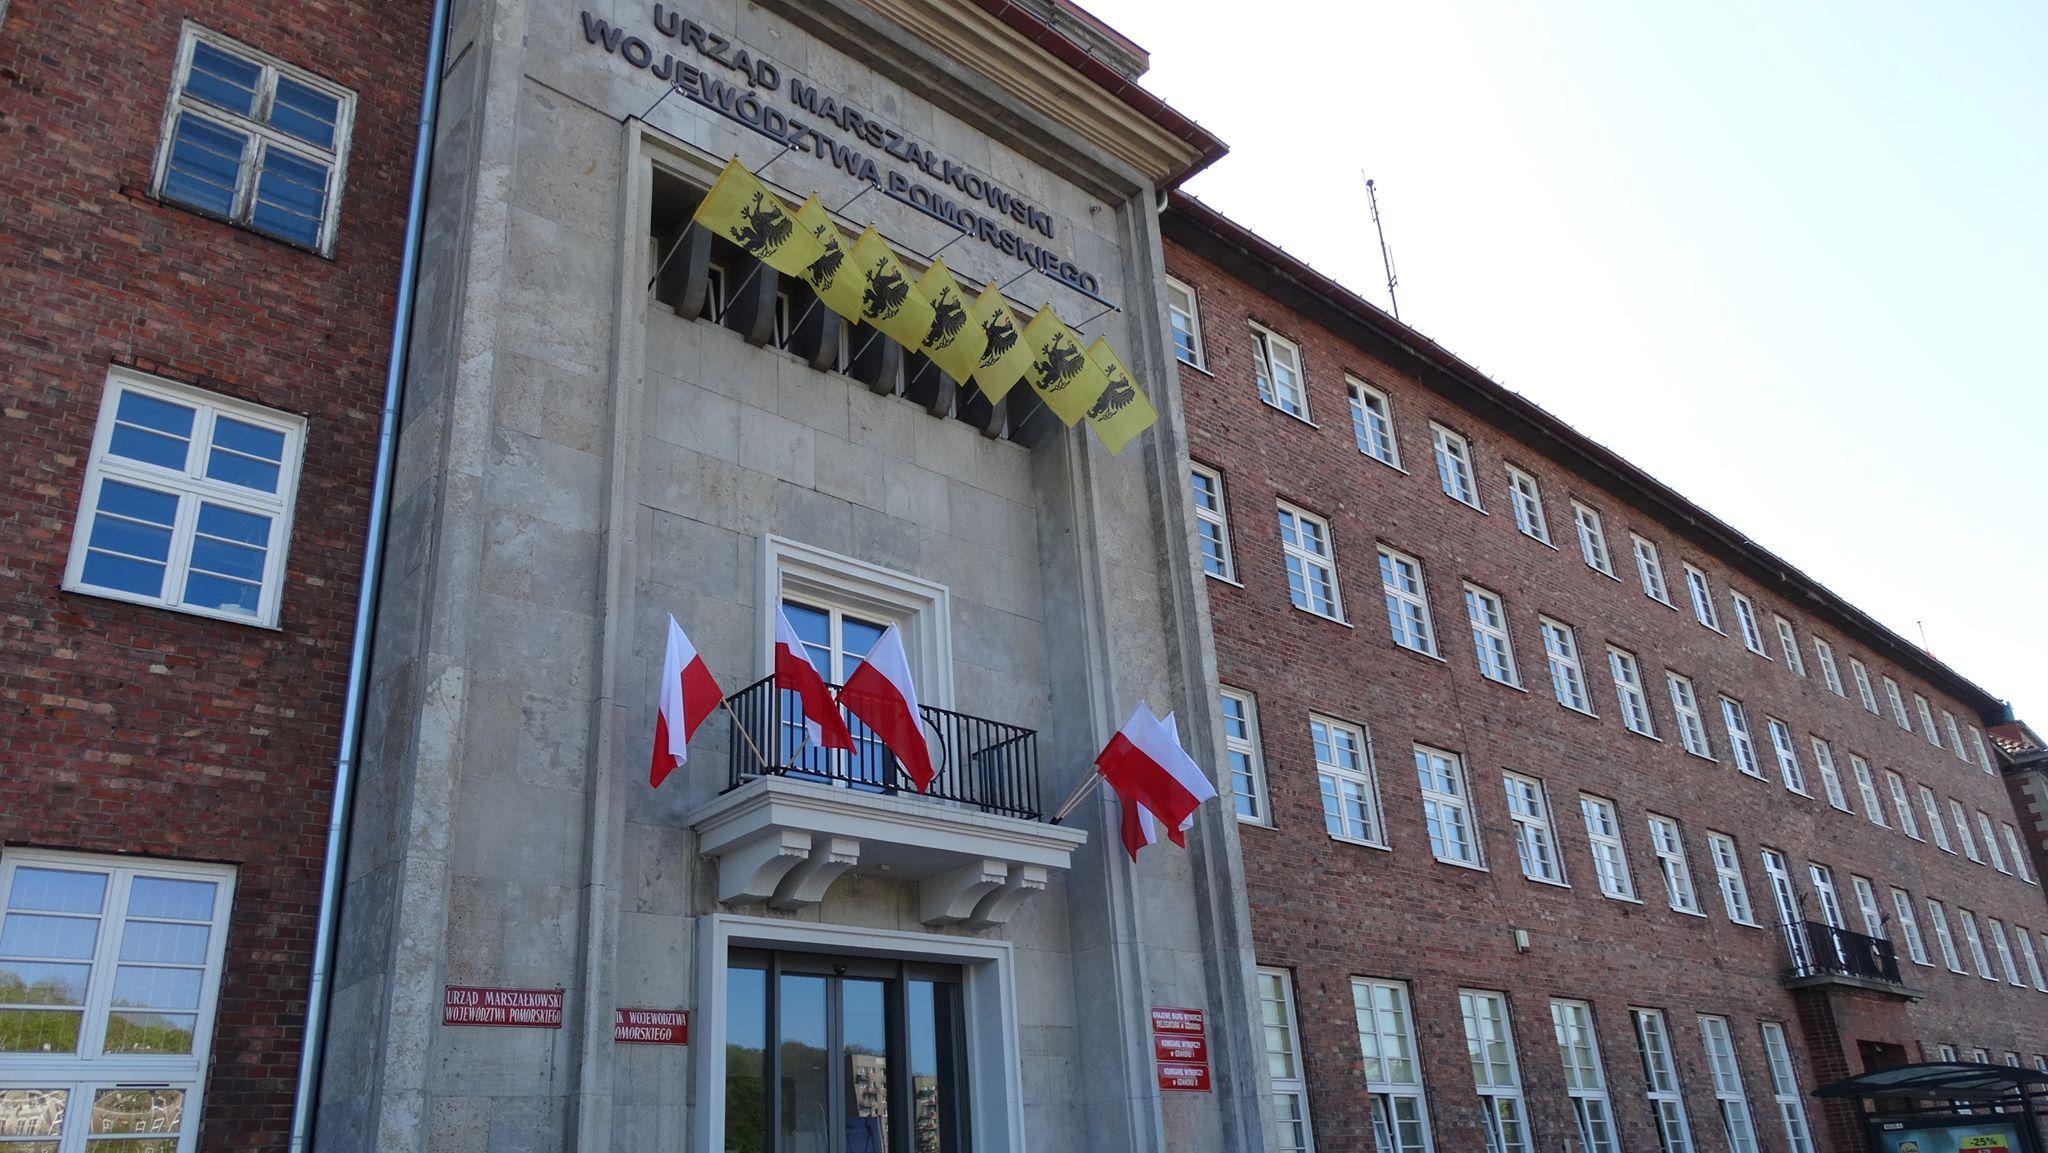 Wszyscy pracownicy urzędu marszałkowskiego objęci kwarantanną mają negatywne wyniki testów na obecność koronawirusa